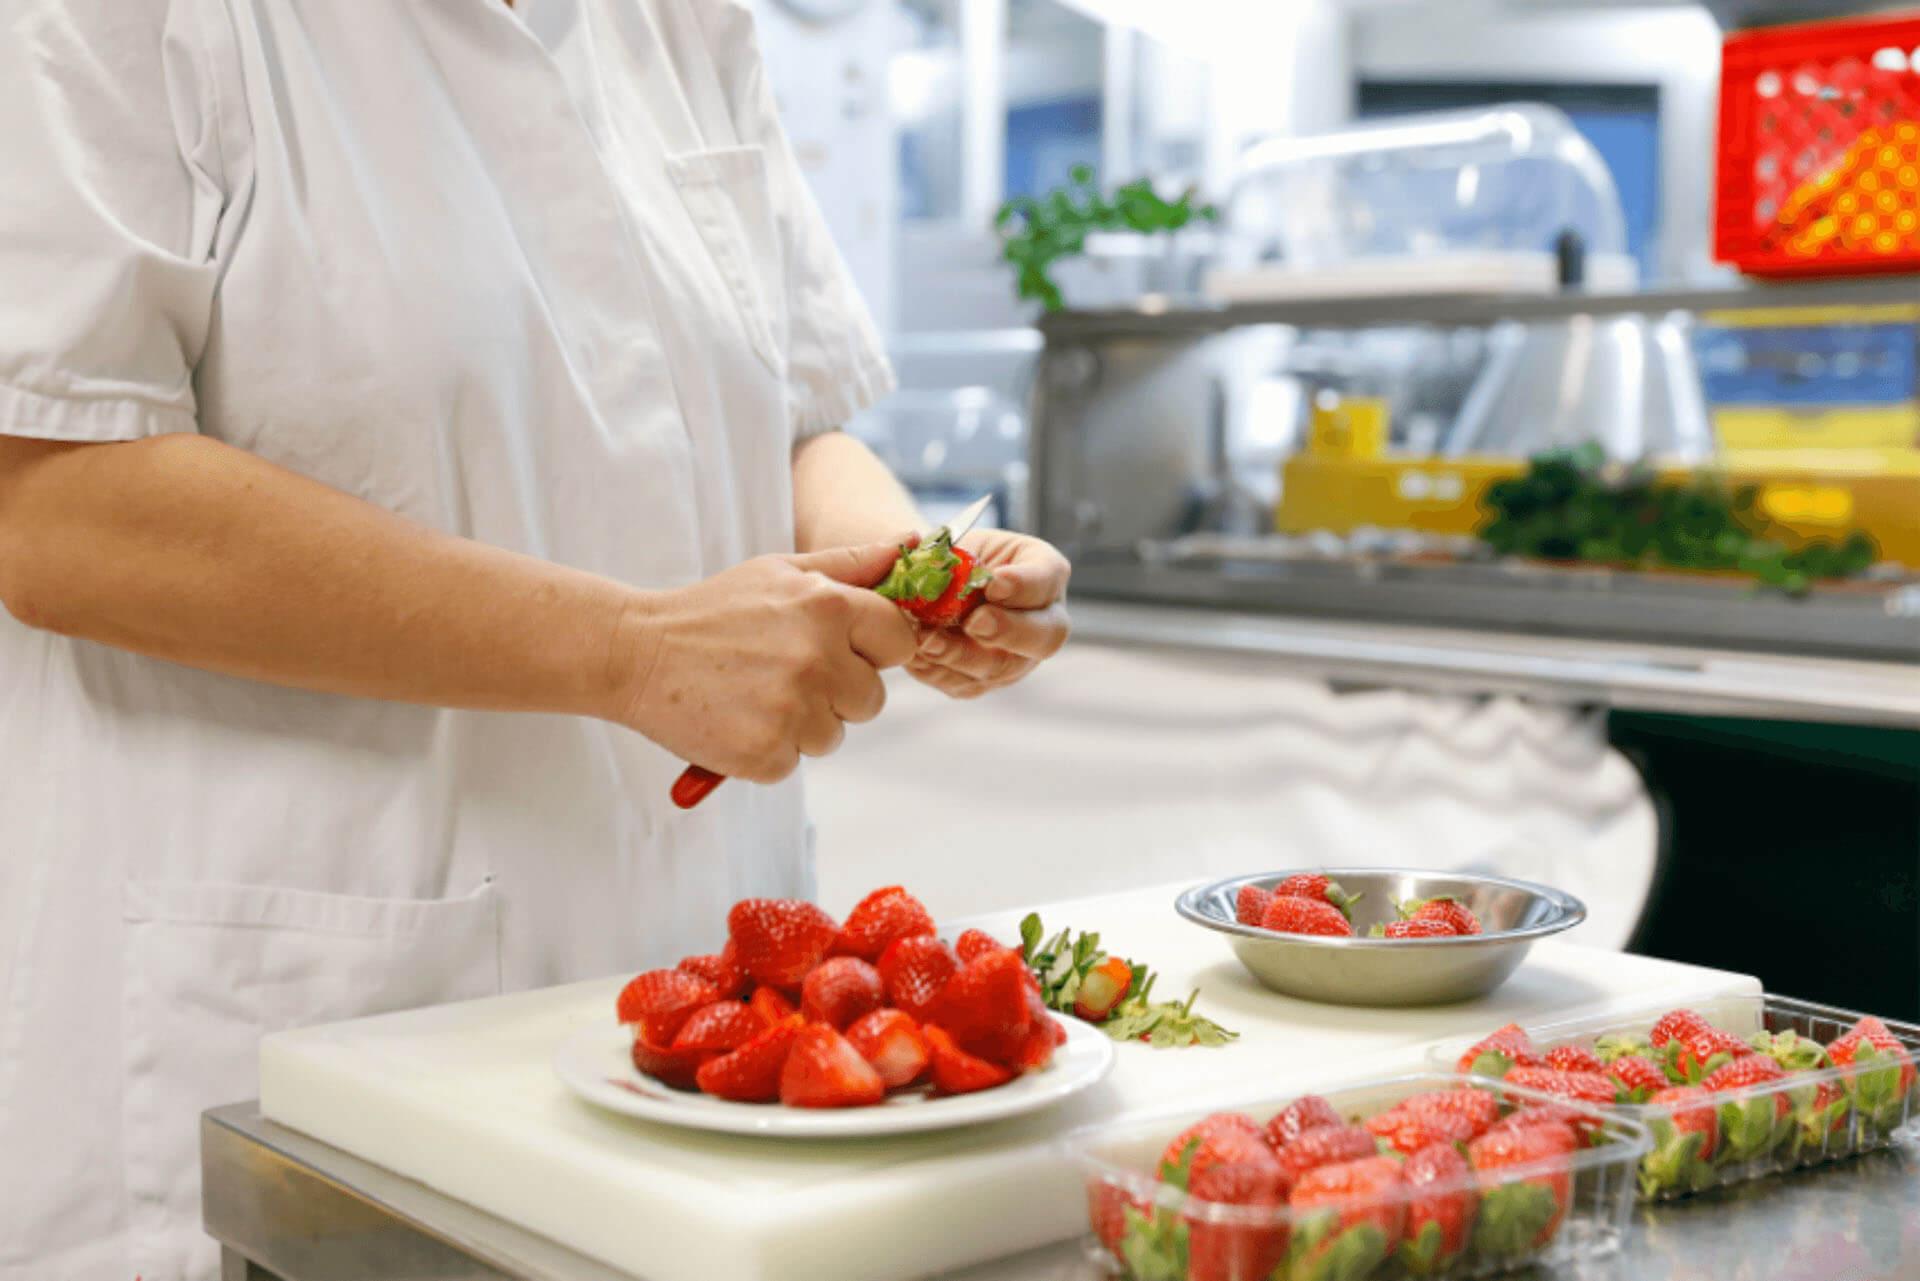 Eine Mitarbeiterin beim Schneiden von Erdbeeren in der Küche